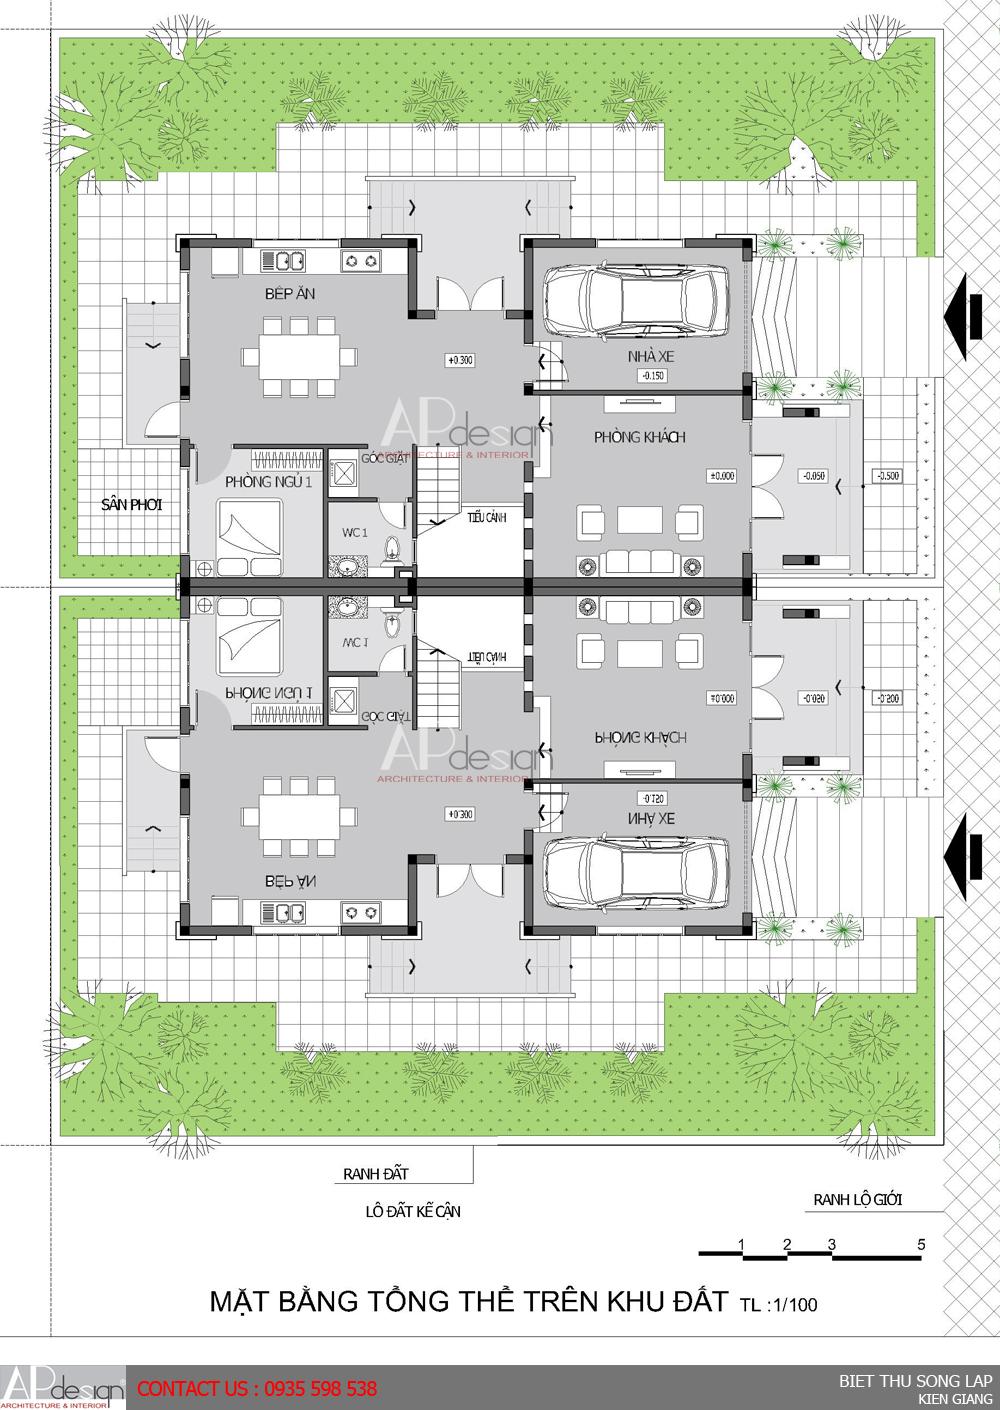 Thiết kế biệt thự song lập - Kiên Giang